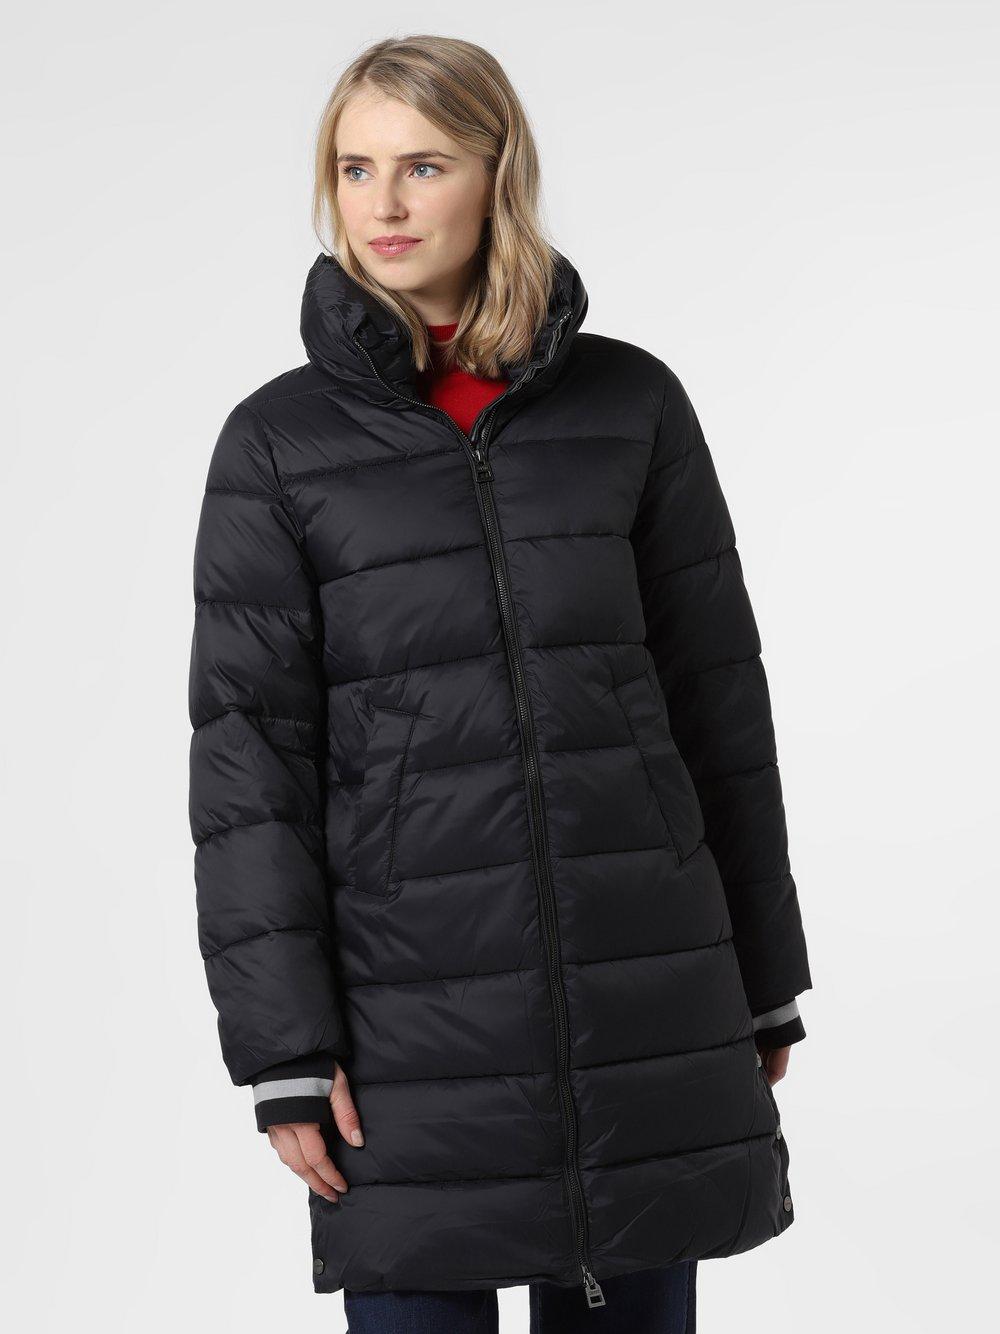 Esprit Casual – Damska kurtka pikowana, czarny Van Graaf 451319-0001-09900